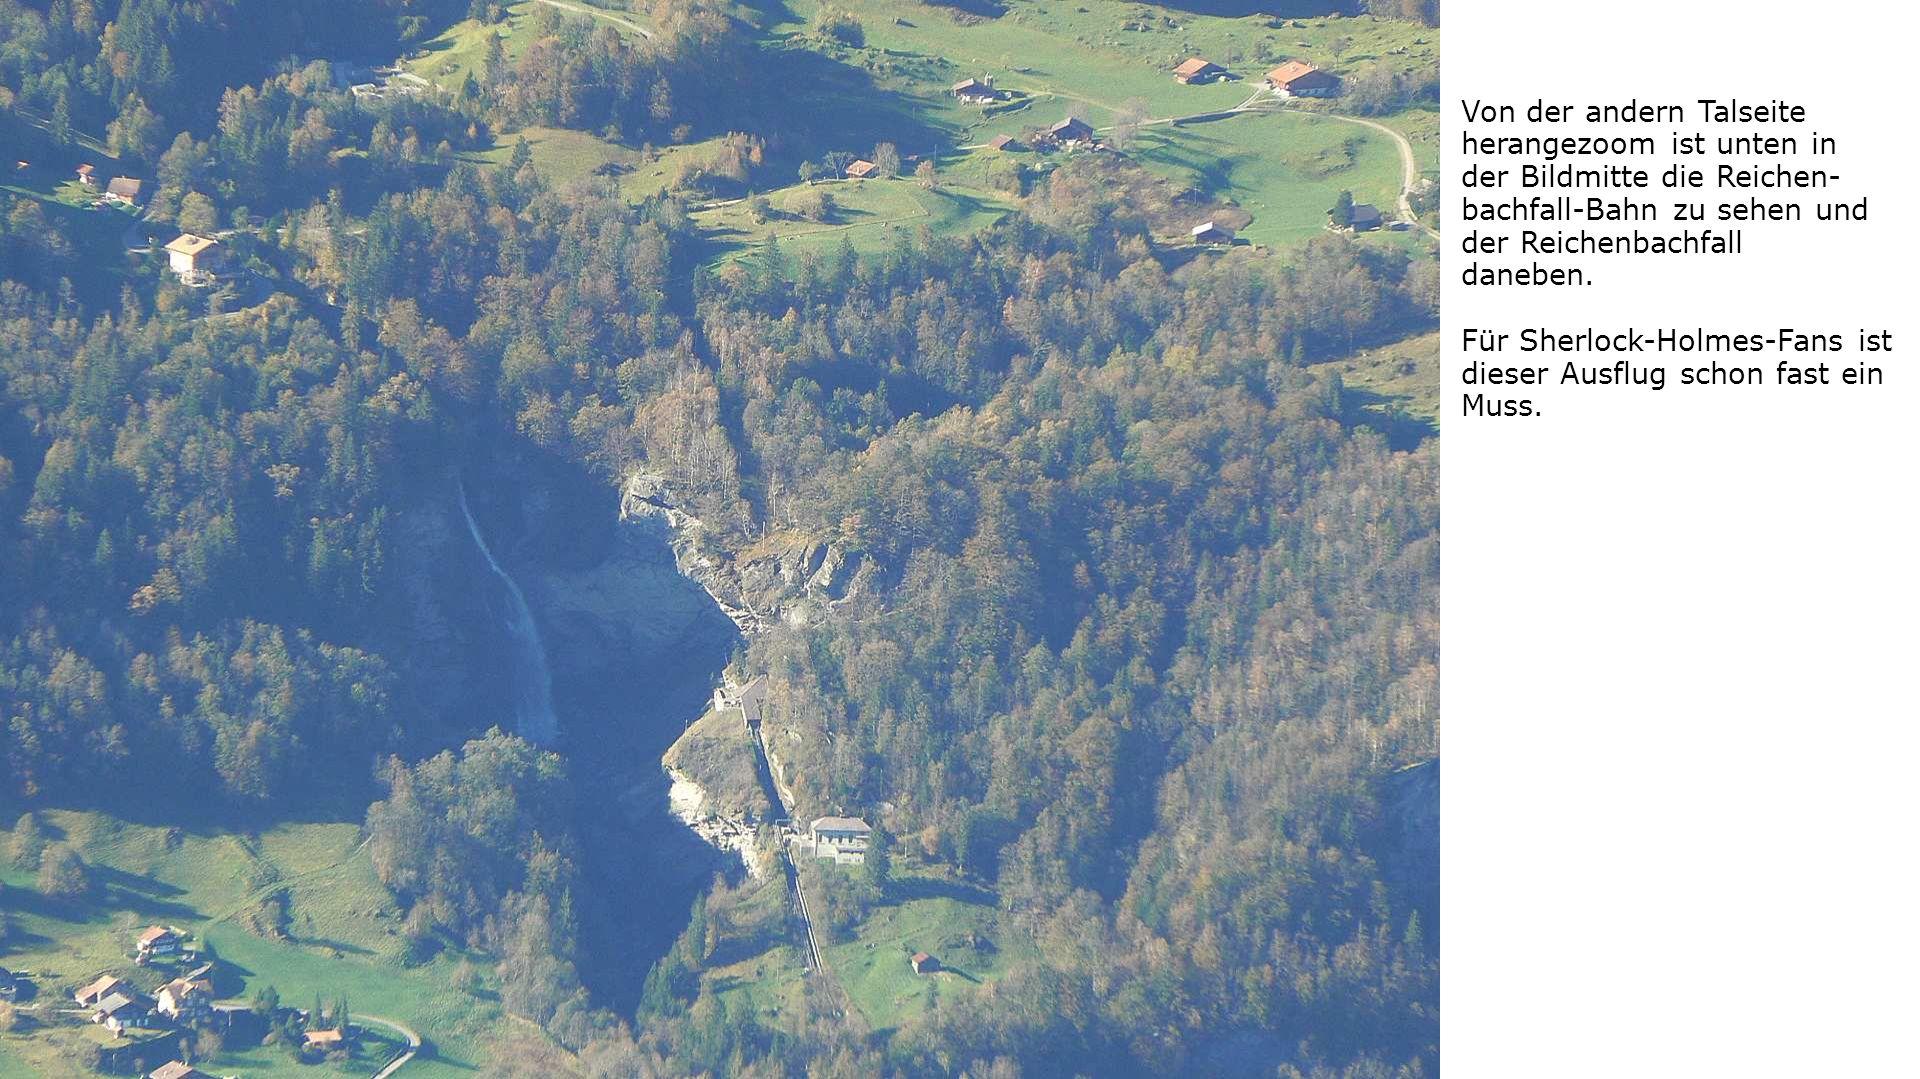 Von der andern Talseite herangezoom ist unten in der Bildmitte die Reichen- bachfall-Bahn zu sehen und der Reichenbachfall daneben.